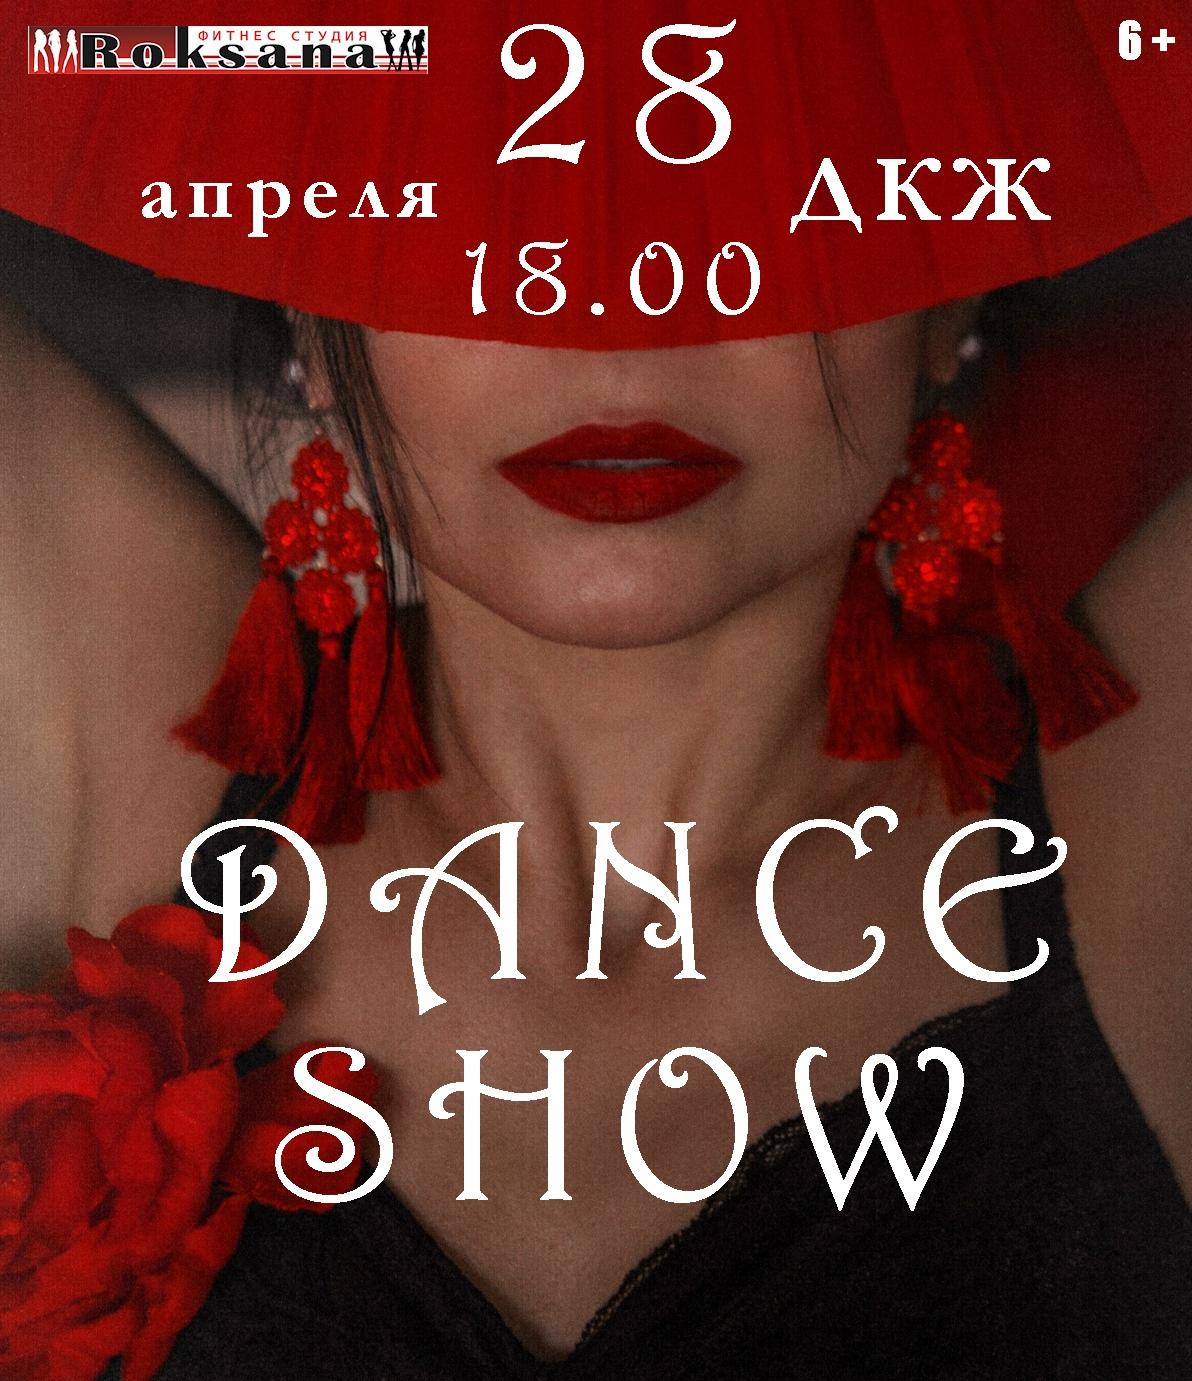 ДК Железнодорожников DANCE SHOW курган афиша расписание